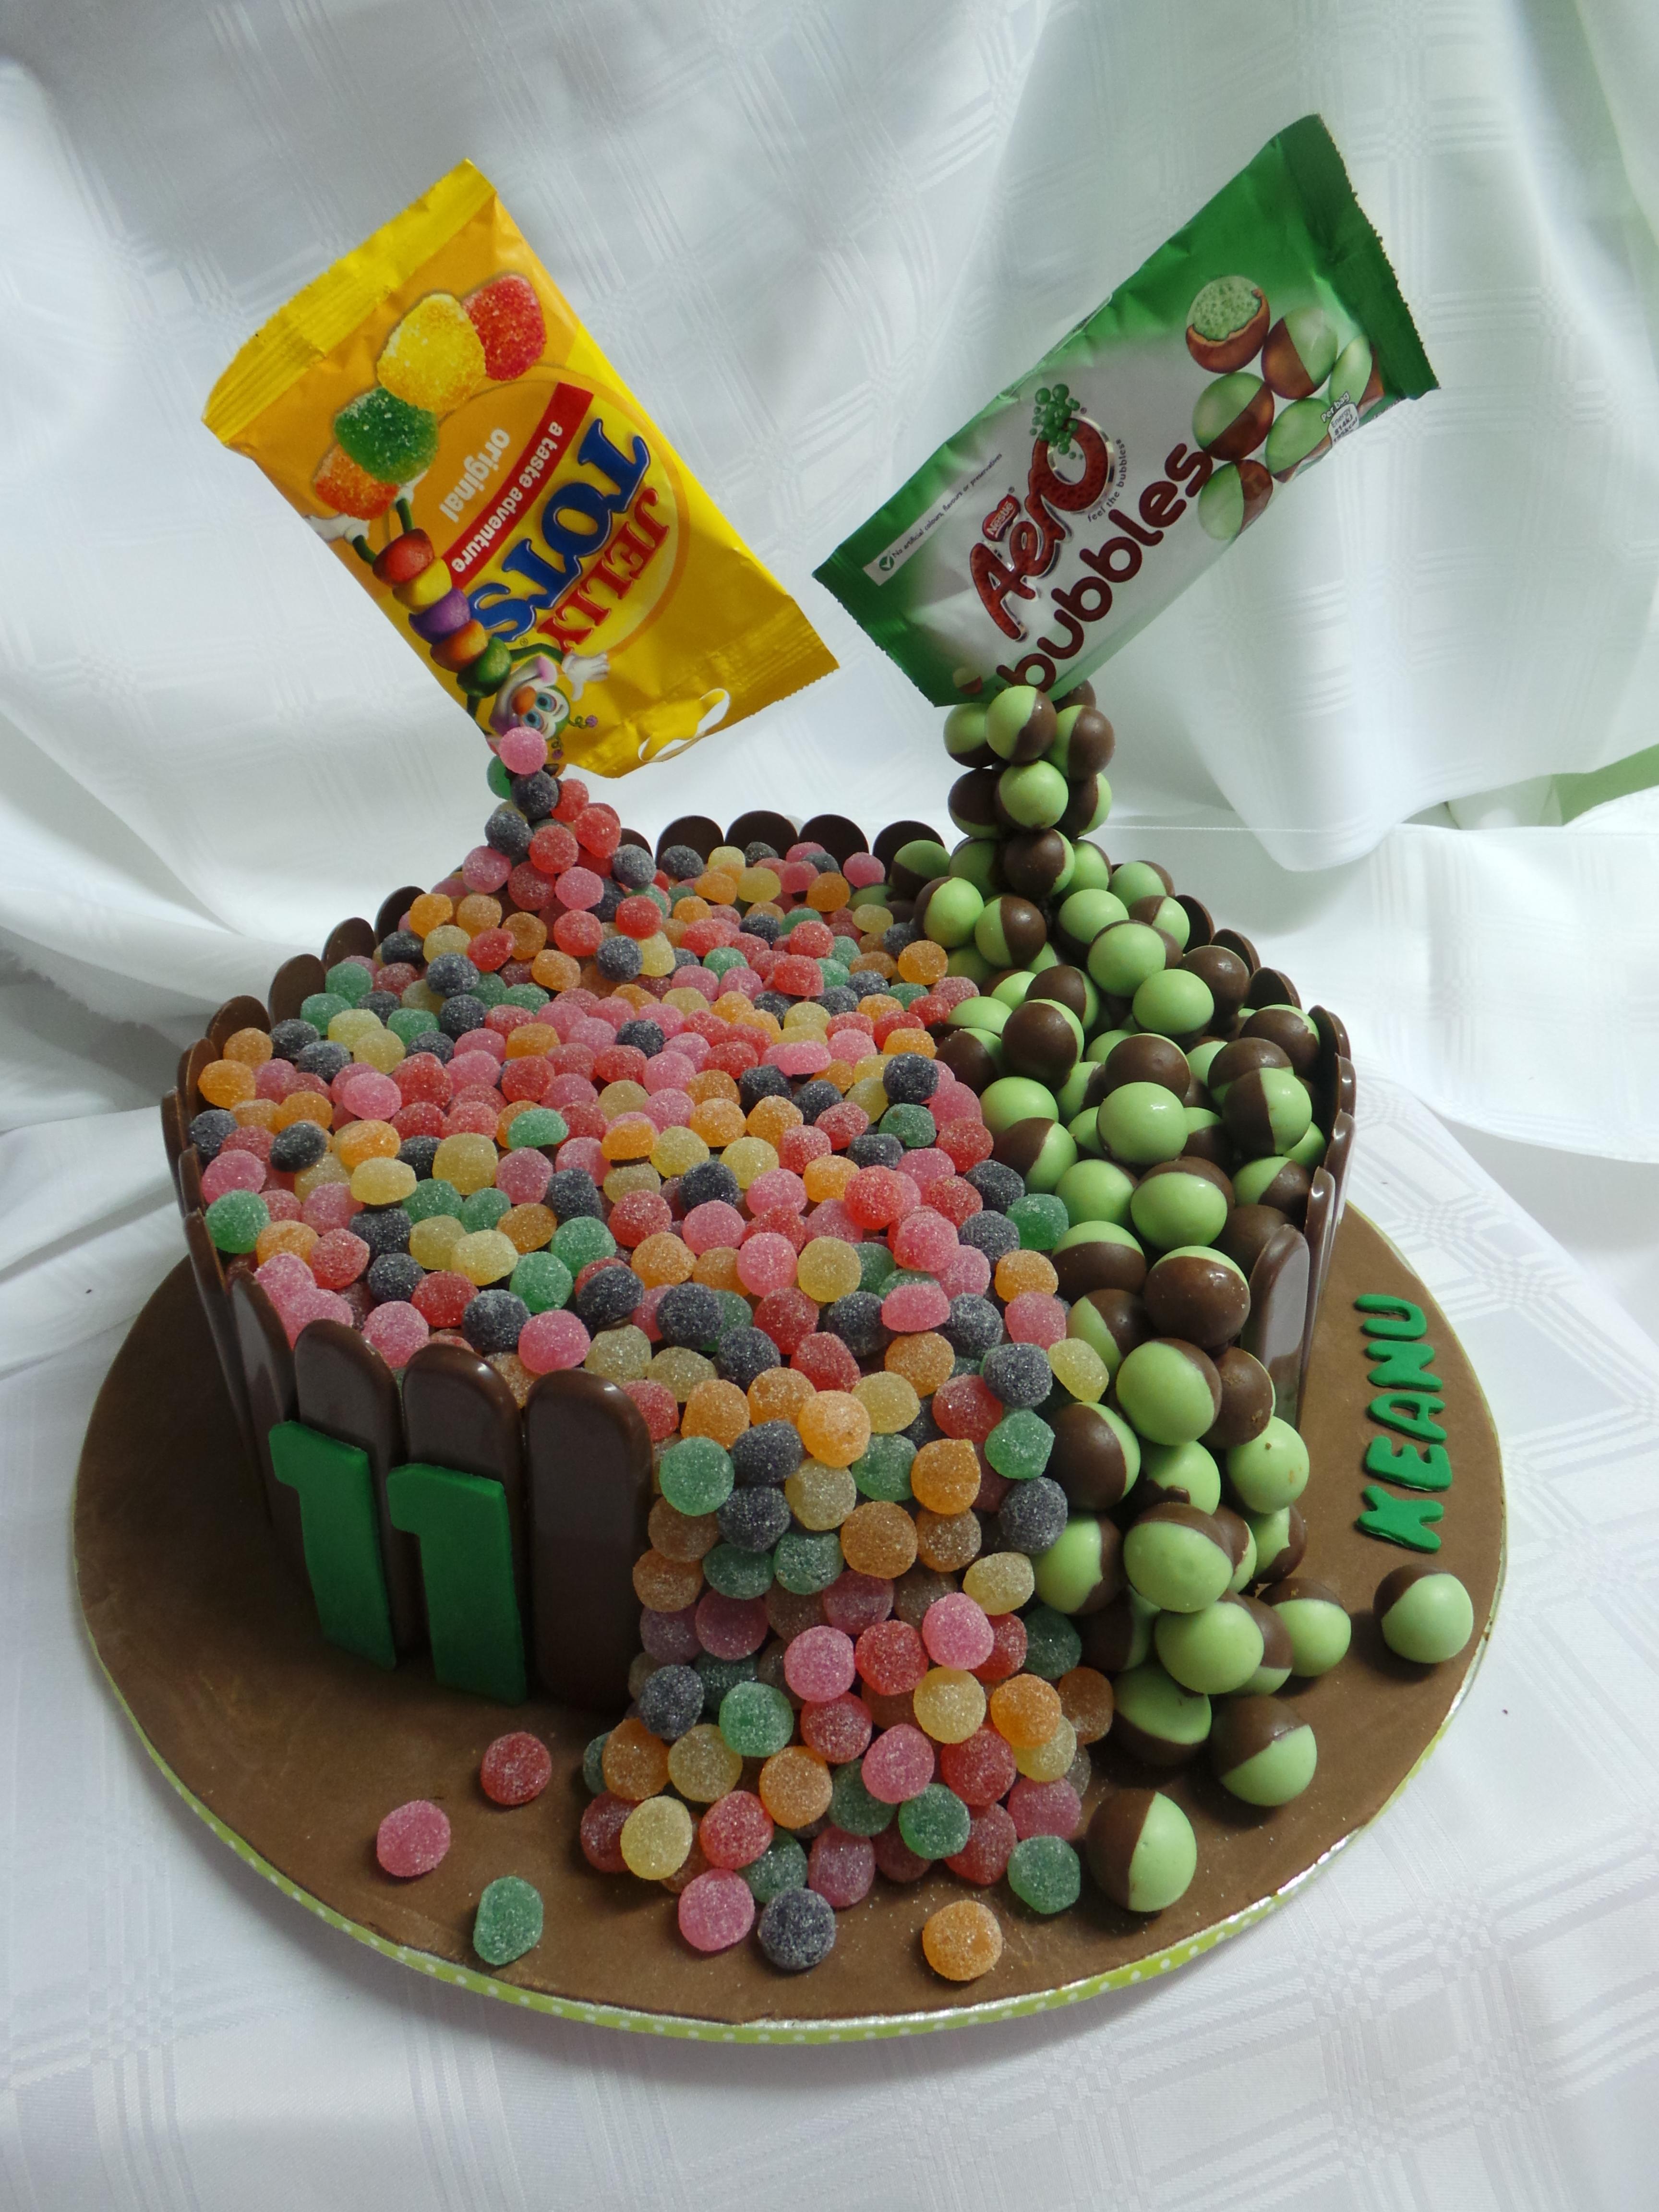 Fun Chocolate Cake